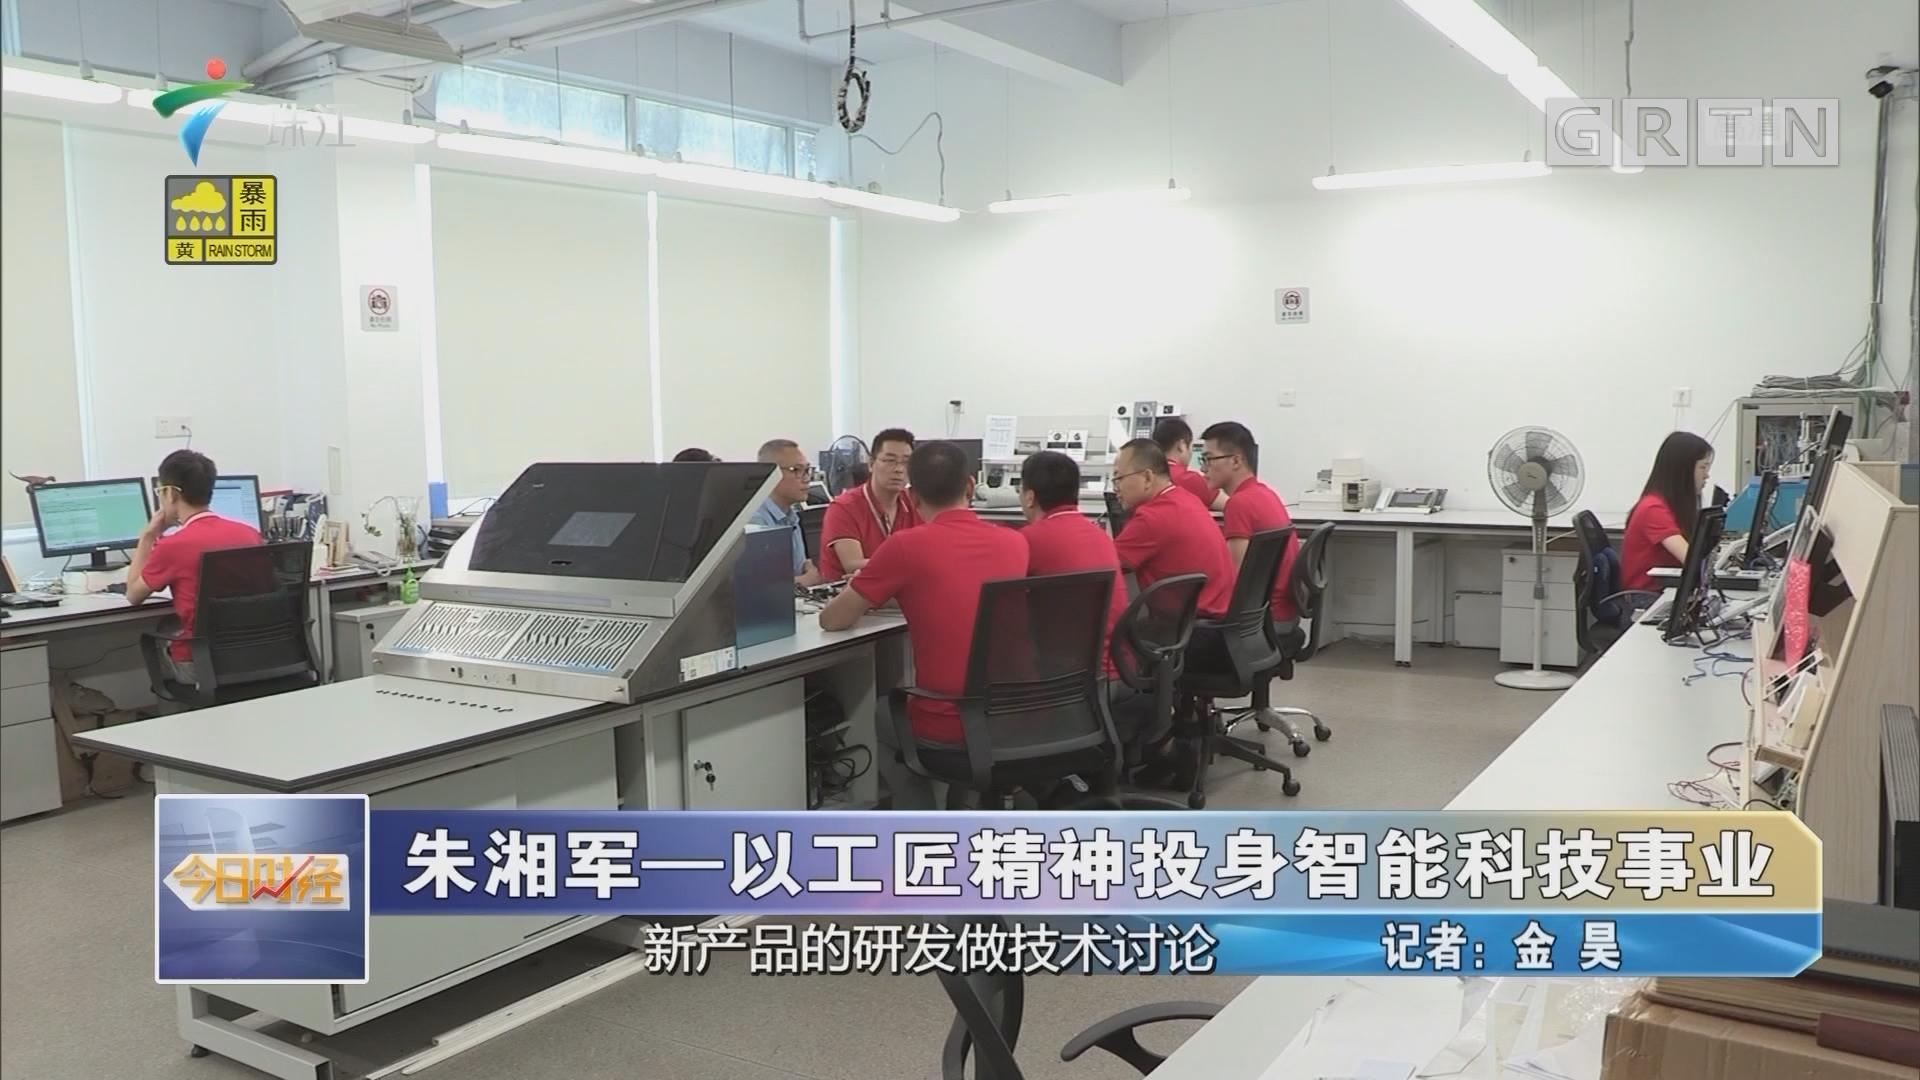 朱湘軍——以工匠精神投身智能科技事業